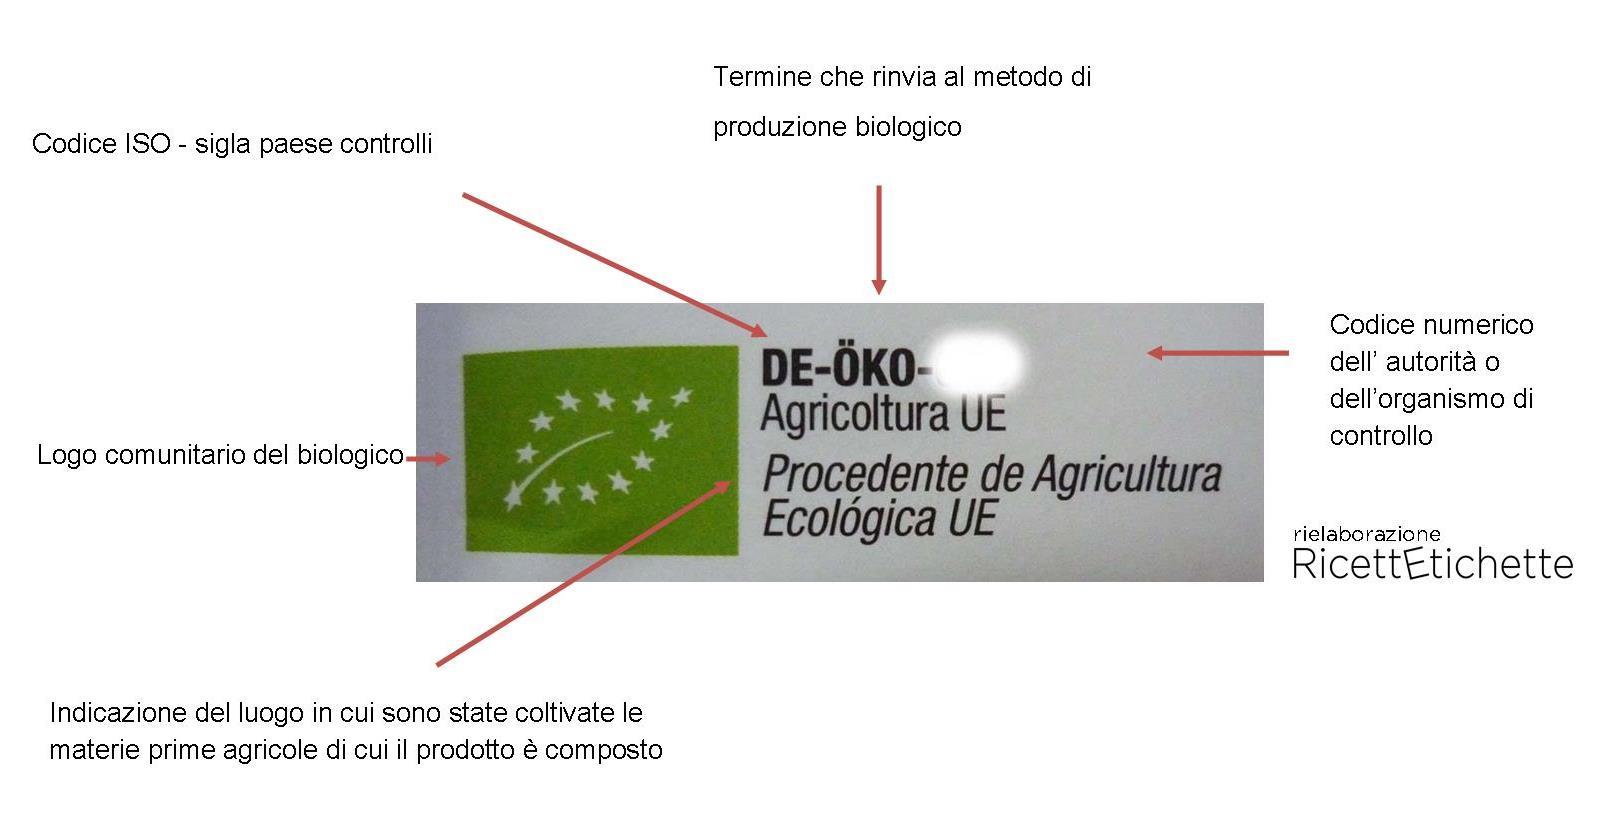 etichetta biologico luogo coltivazione materie prime e varie polvere lievitante